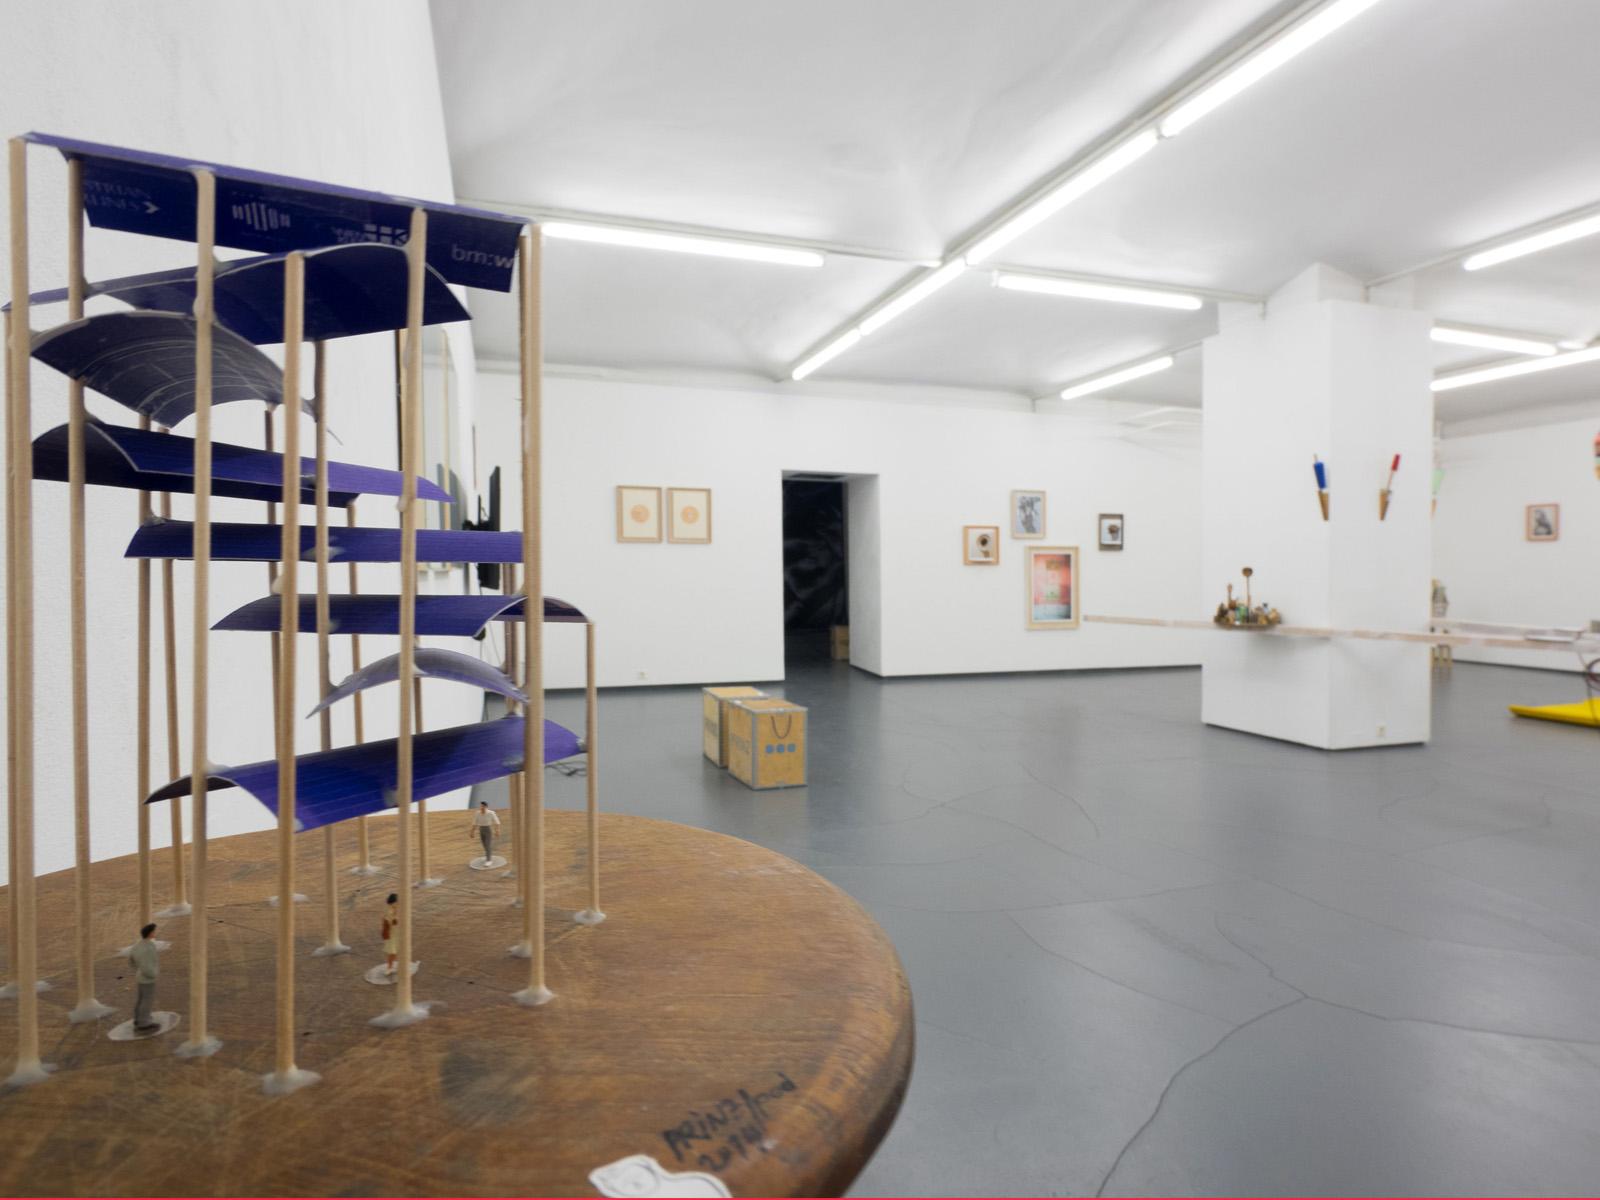 WERKSCHAU XX - PRINZGAU/podgorschek  Ausstellungsansicht Fotogalerie Wien